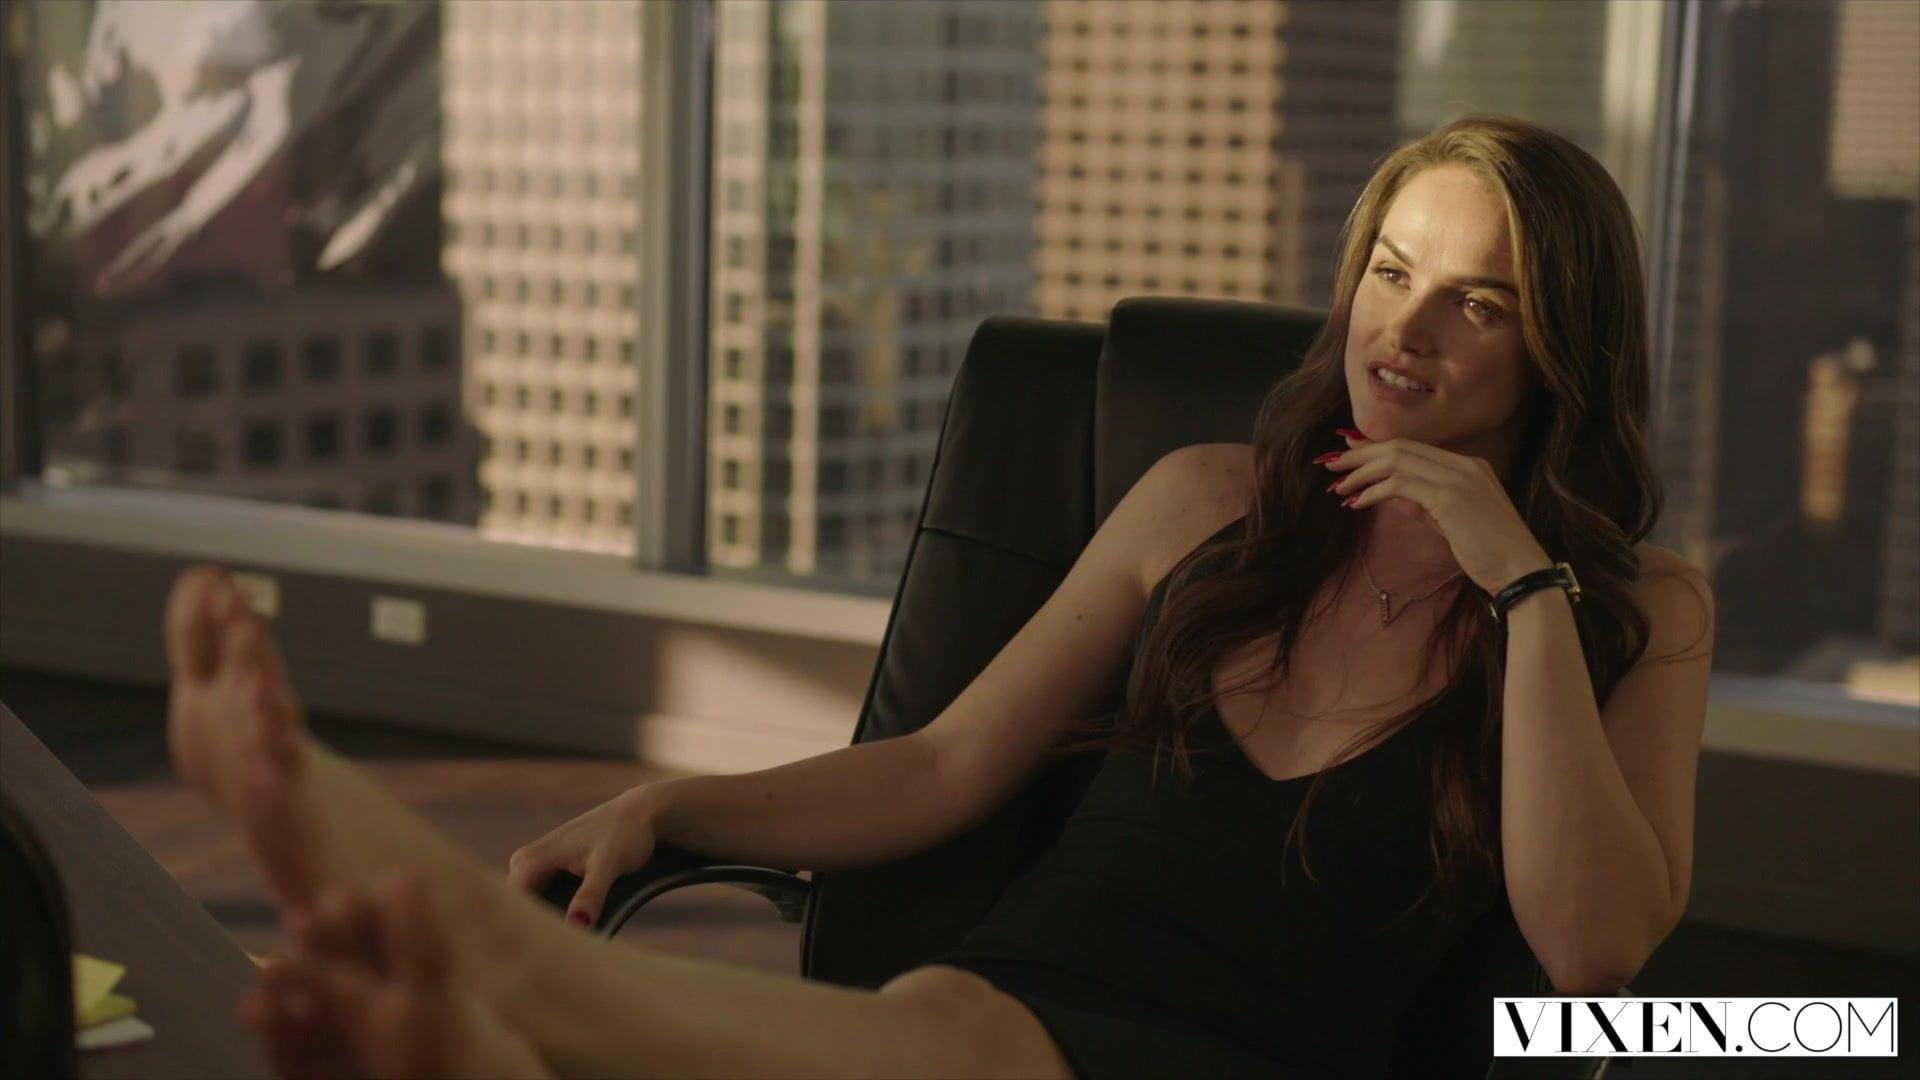 Hot sexy porno pic